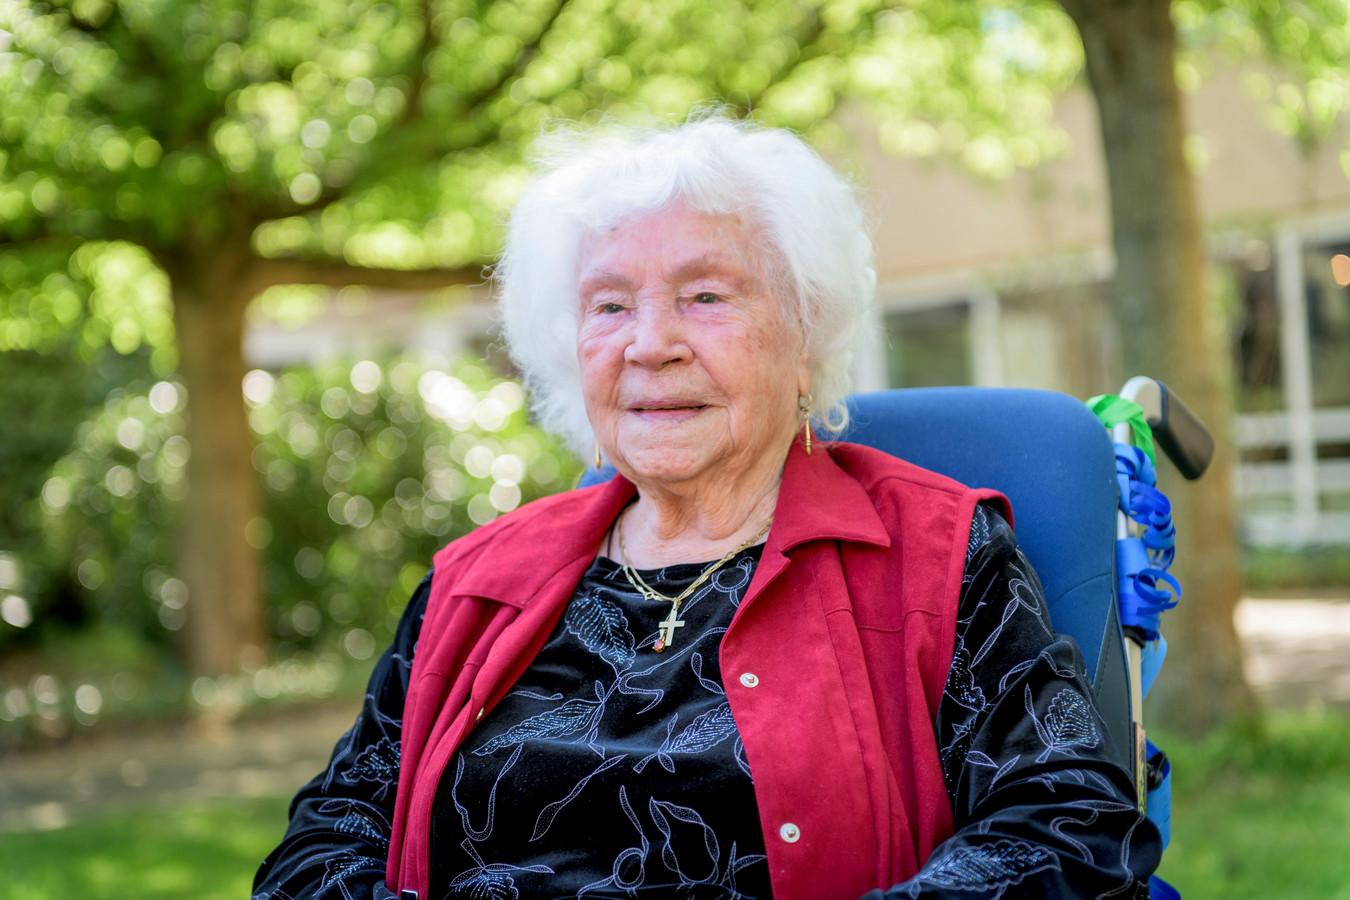 Mevrouw Teesink-Van de Worp wordt 105 jaar oud